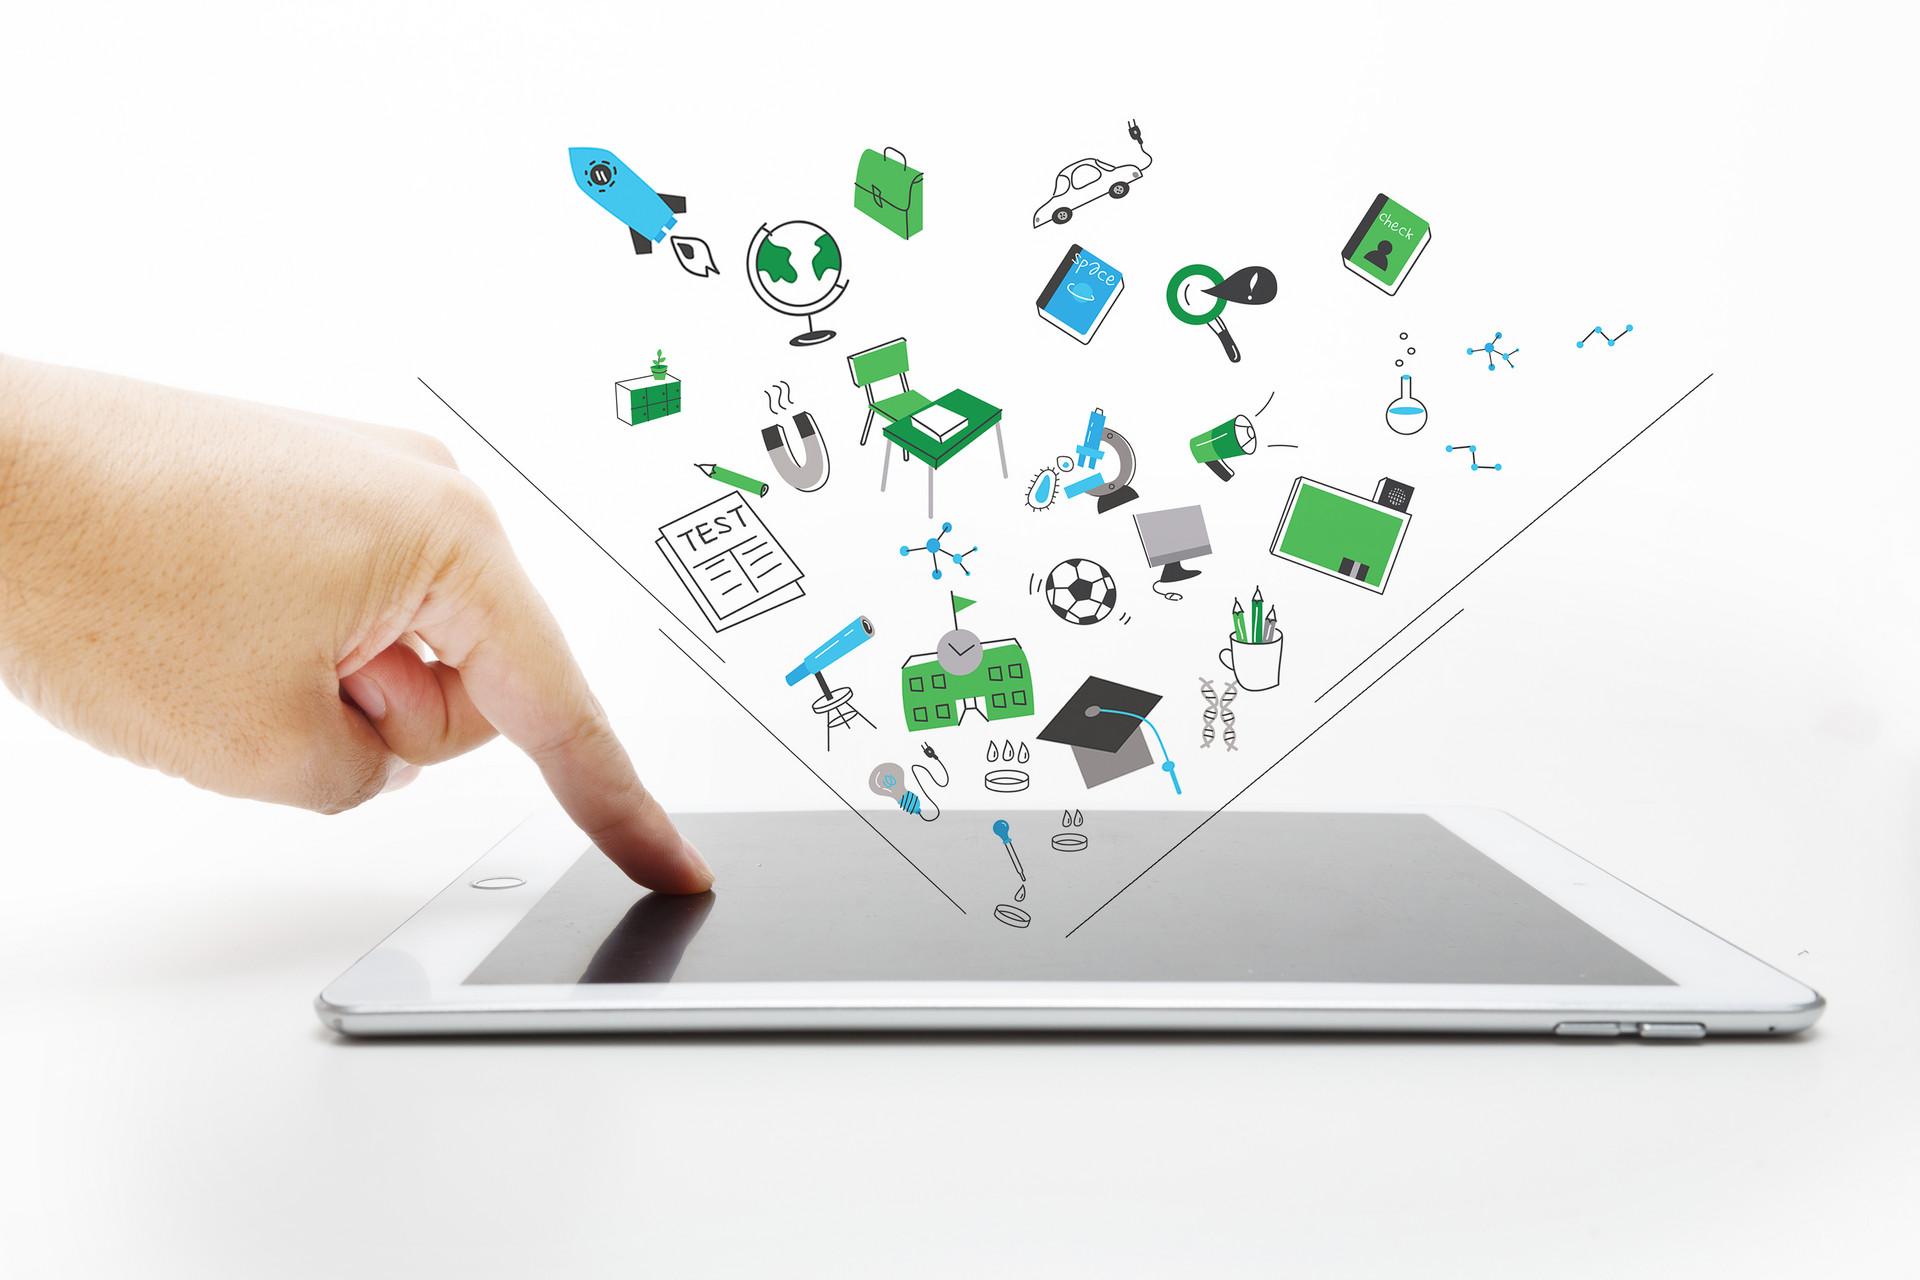 新基建窗口期,企业如何构建物联网系统获取洞察力?